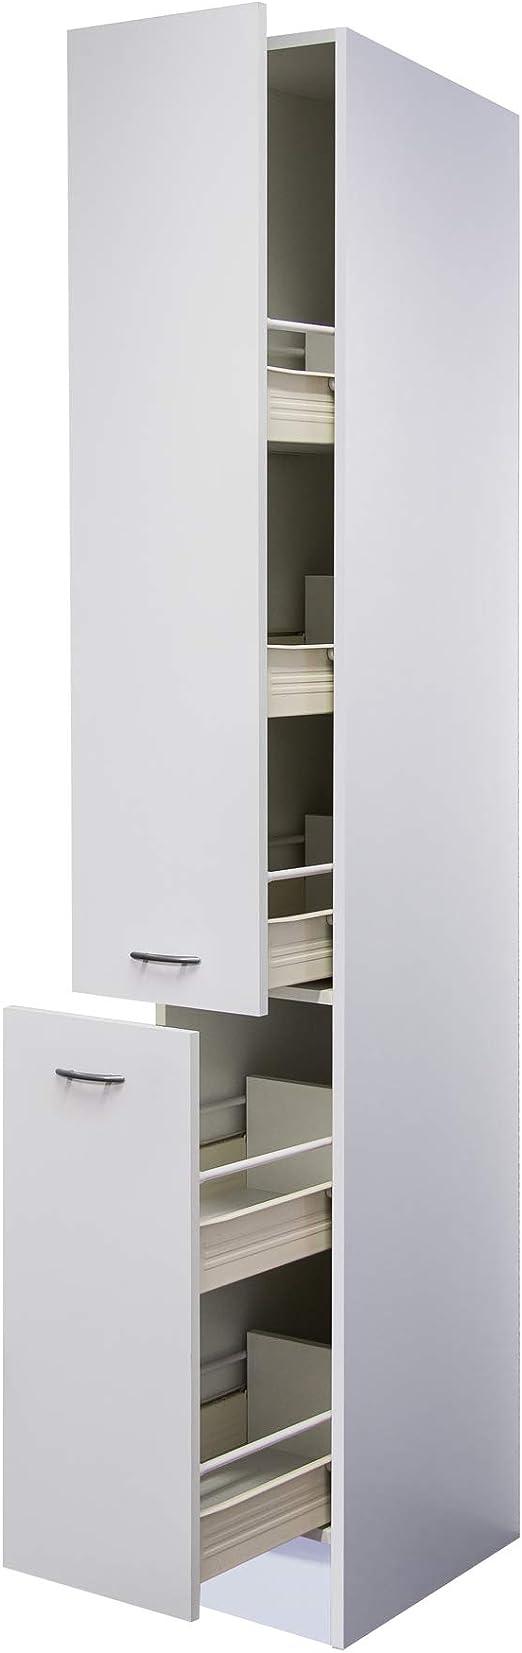 Flex-Well Apothekerschrank UNNA  Hochschrank  20 Front-Auszüge, 20  Schubkästen  Breite 20 cm  Weiß